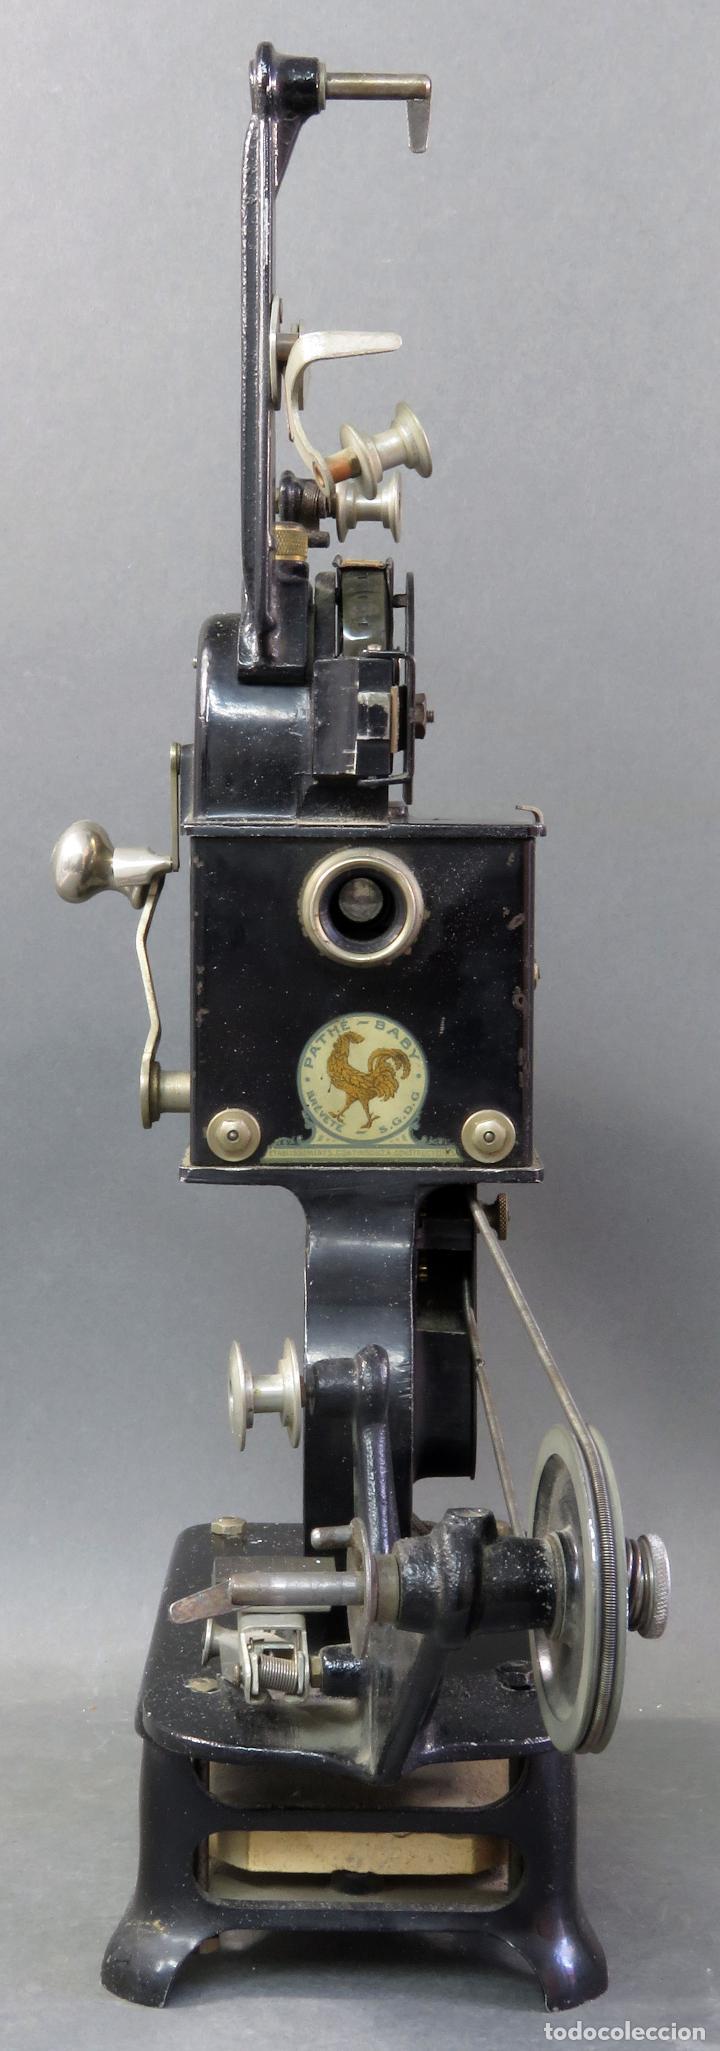 Juguetes Antiguos: Proyector Pathé Baby 9,5 mm con una película hacia 1920 - Foto 4 - 128980255